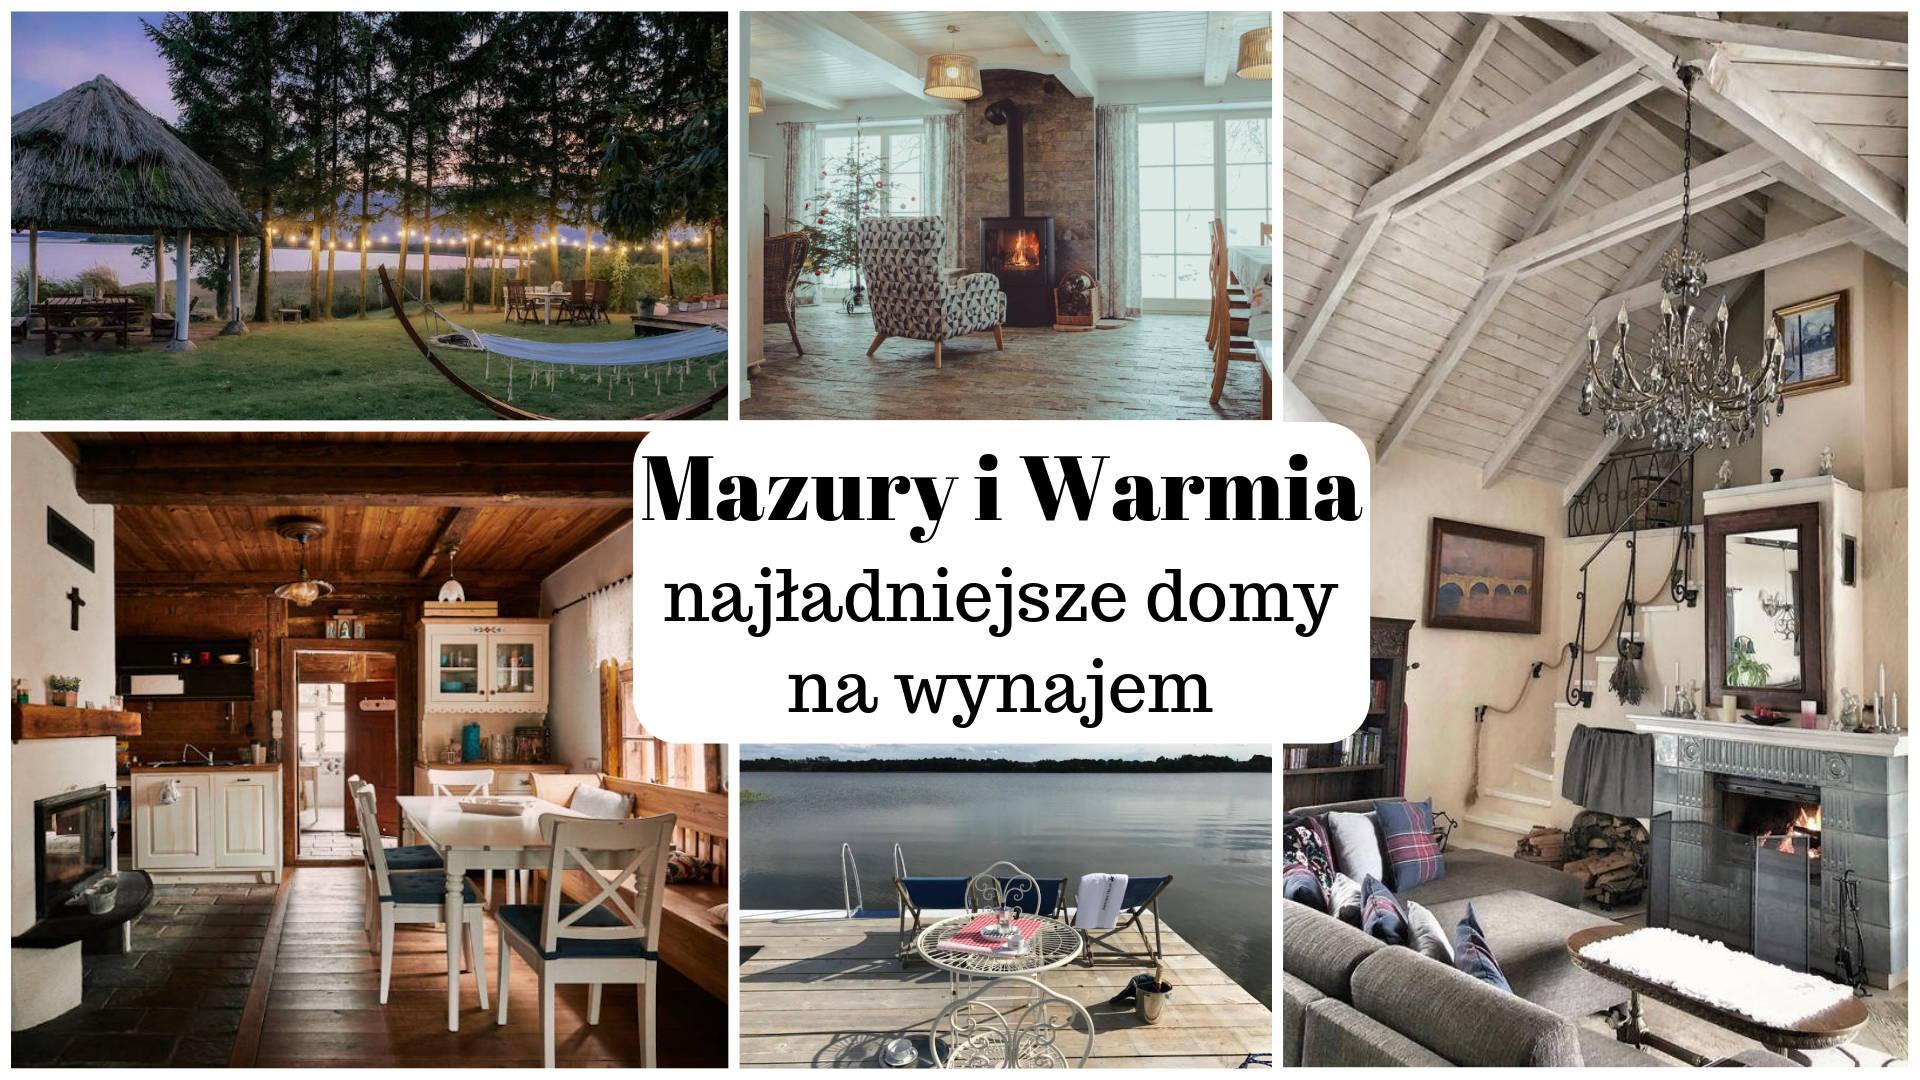 Warmia i Mazury - najładniejsze domy na wynajem